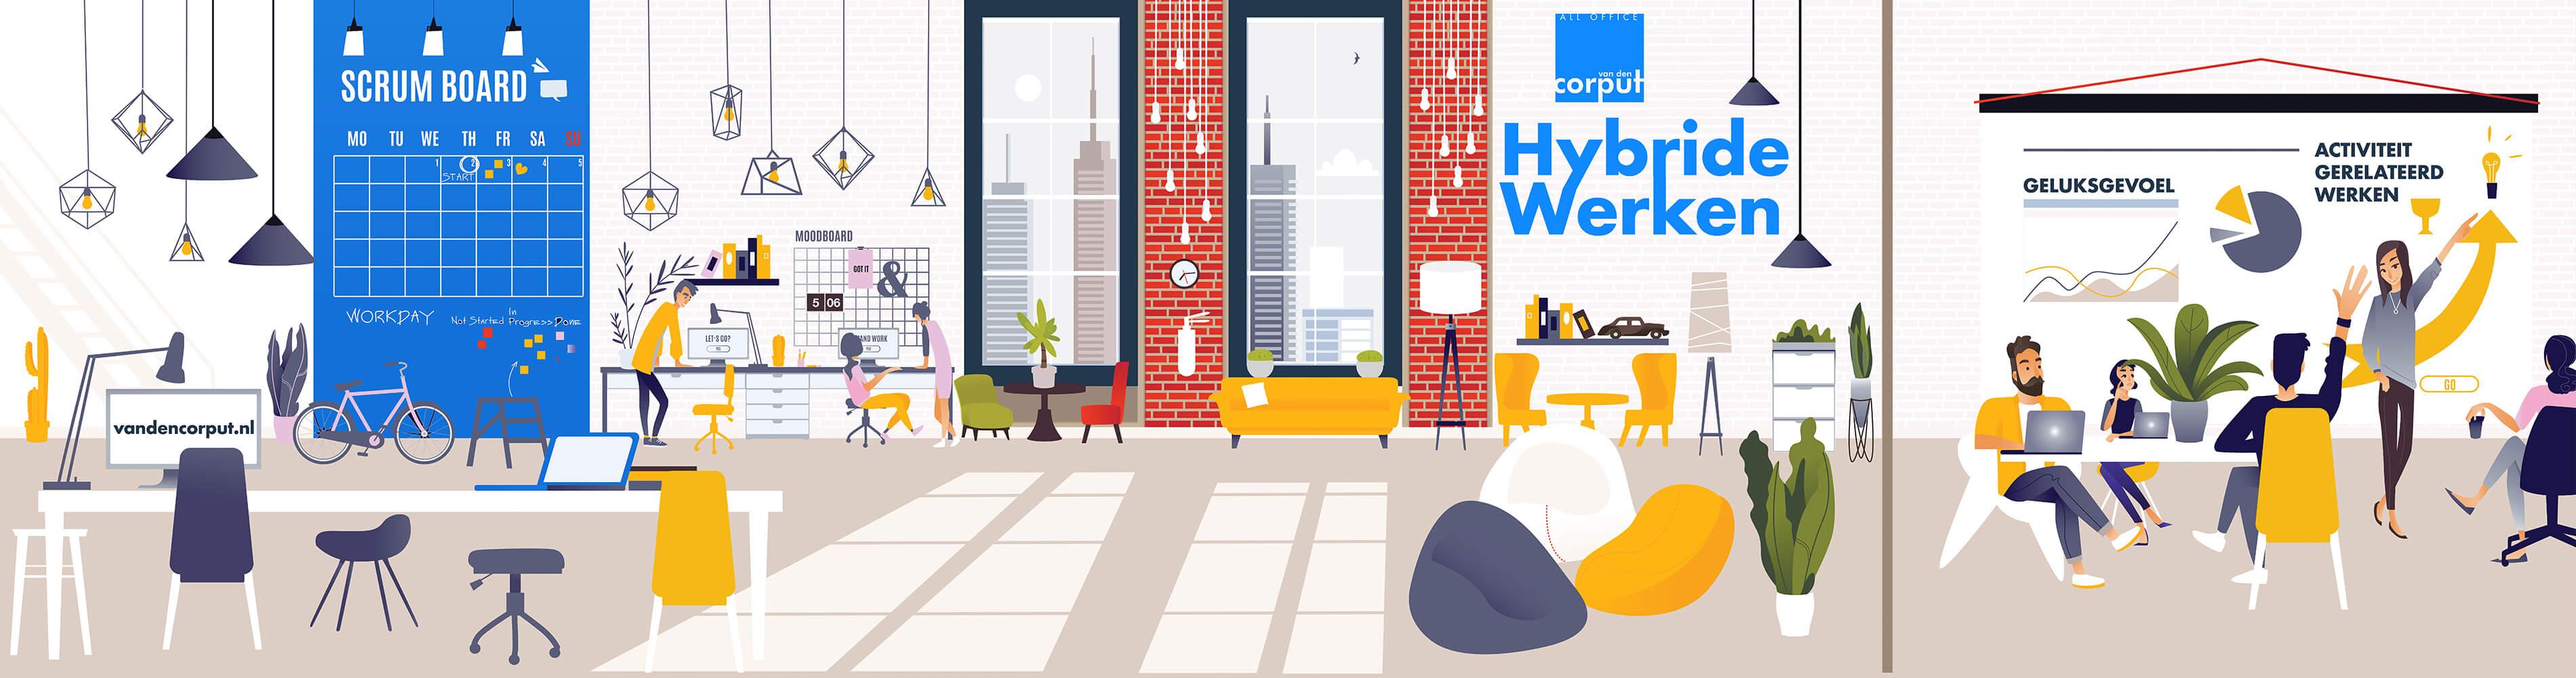 Hybride werken